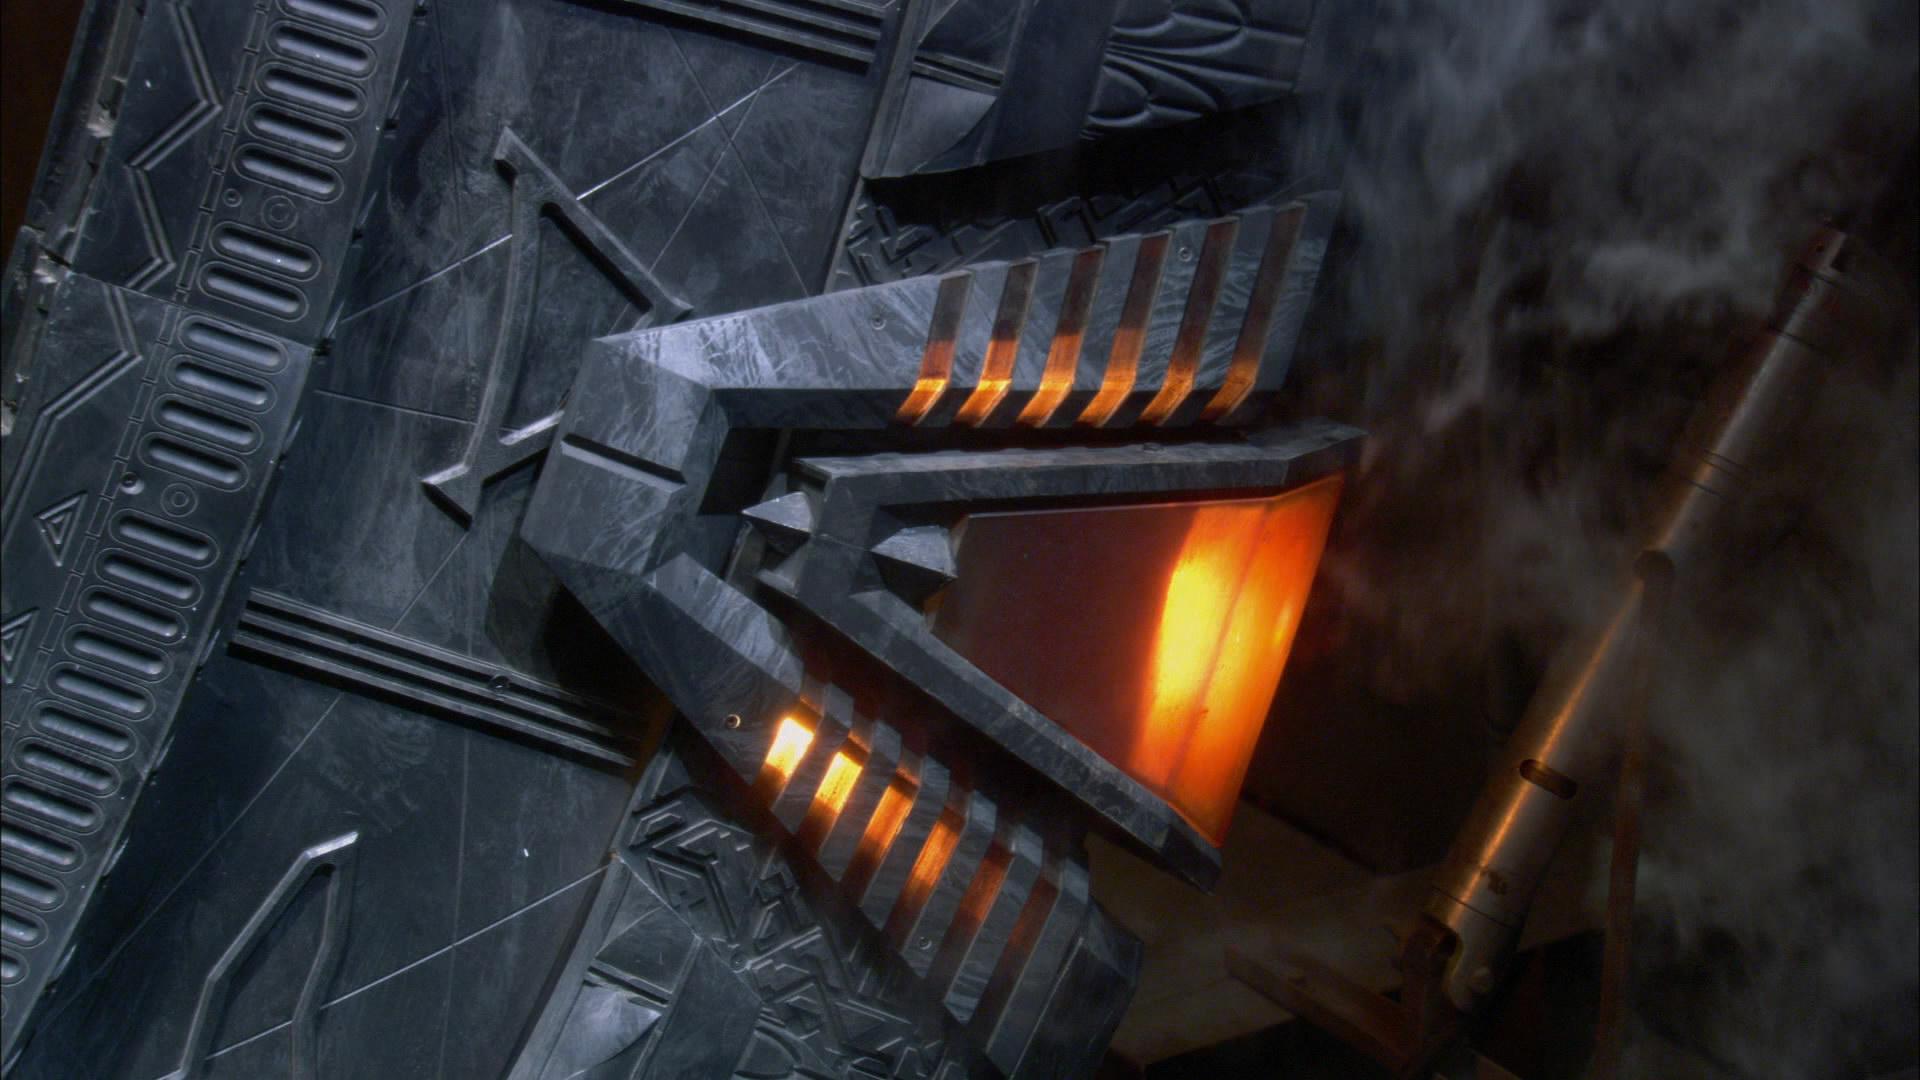 Stargate Chevron wallpapers HD   396236 1920x1080